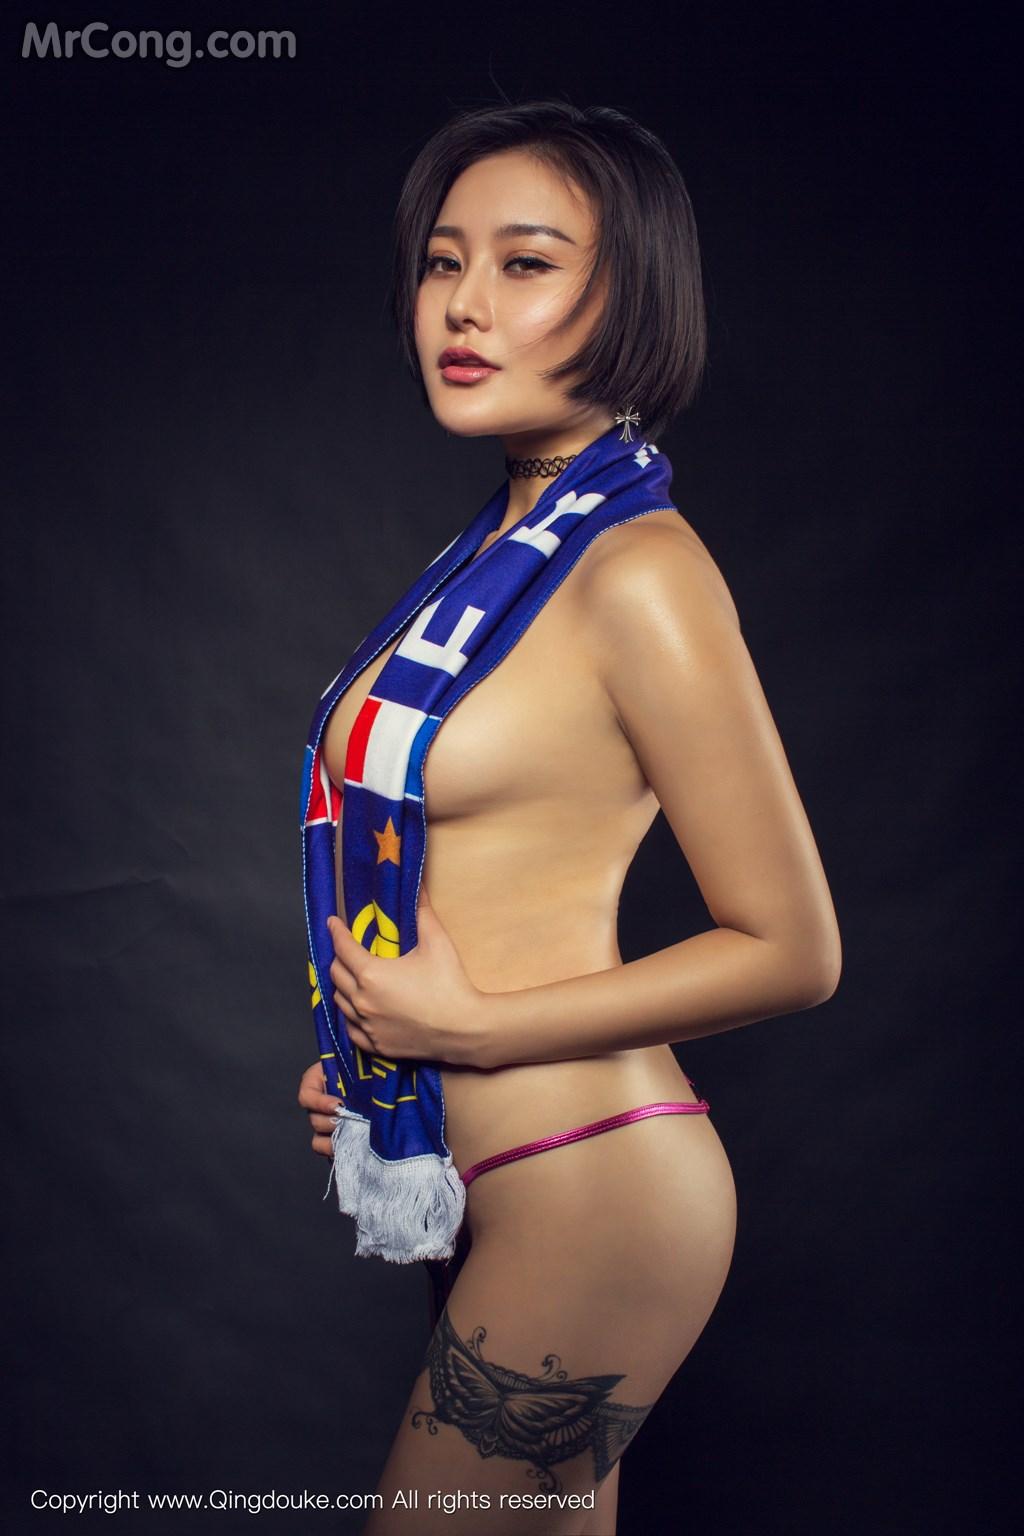 Image MrCong.com-QingDouKe-2016-11-17-Chan-001 in post QingDouKe 2016-11-17: Người mẫu Chan (婵) (44 ảnh)